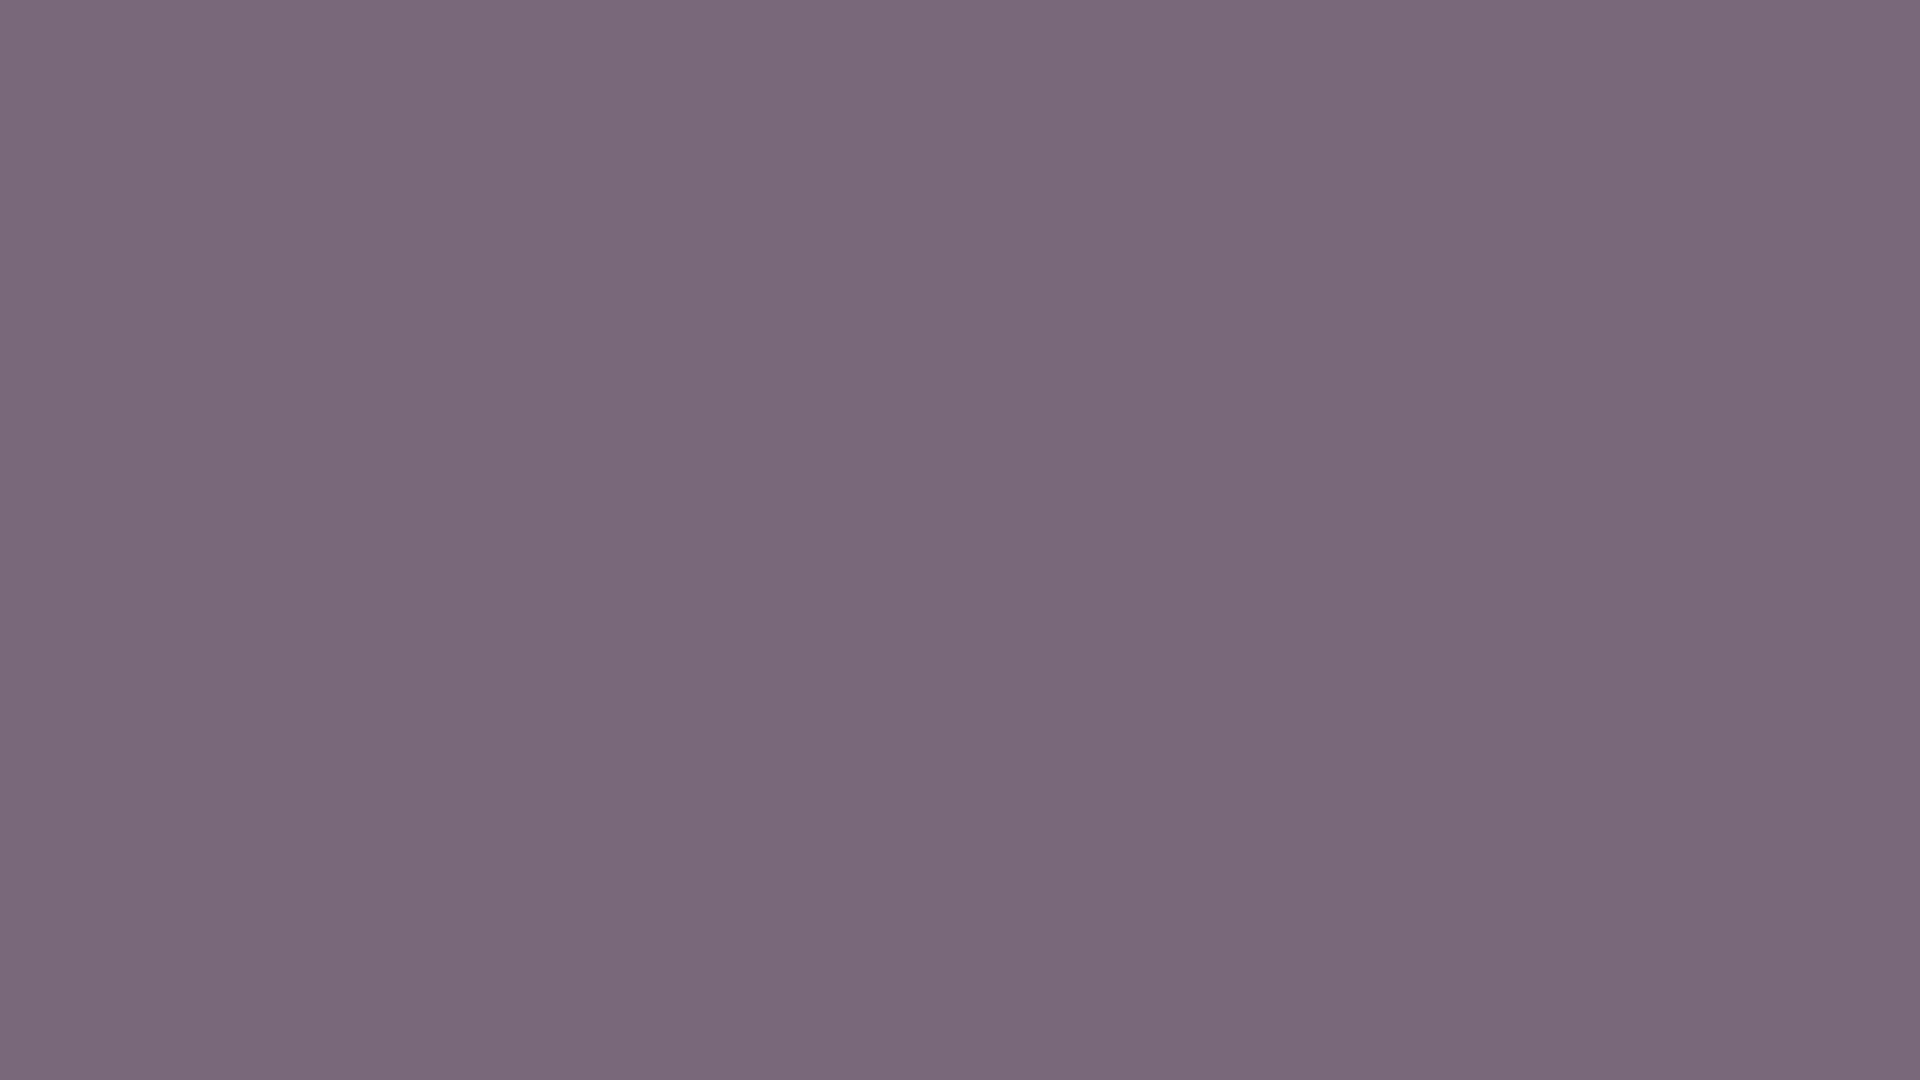 1920x1080 Old Lavender Solid Color Background